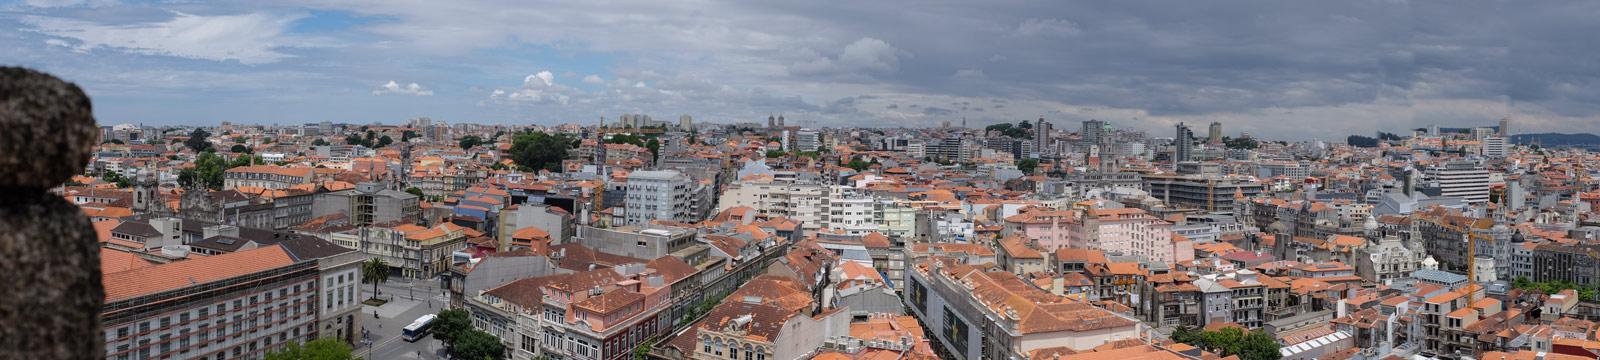 Blick vom Torre dos Clérigos